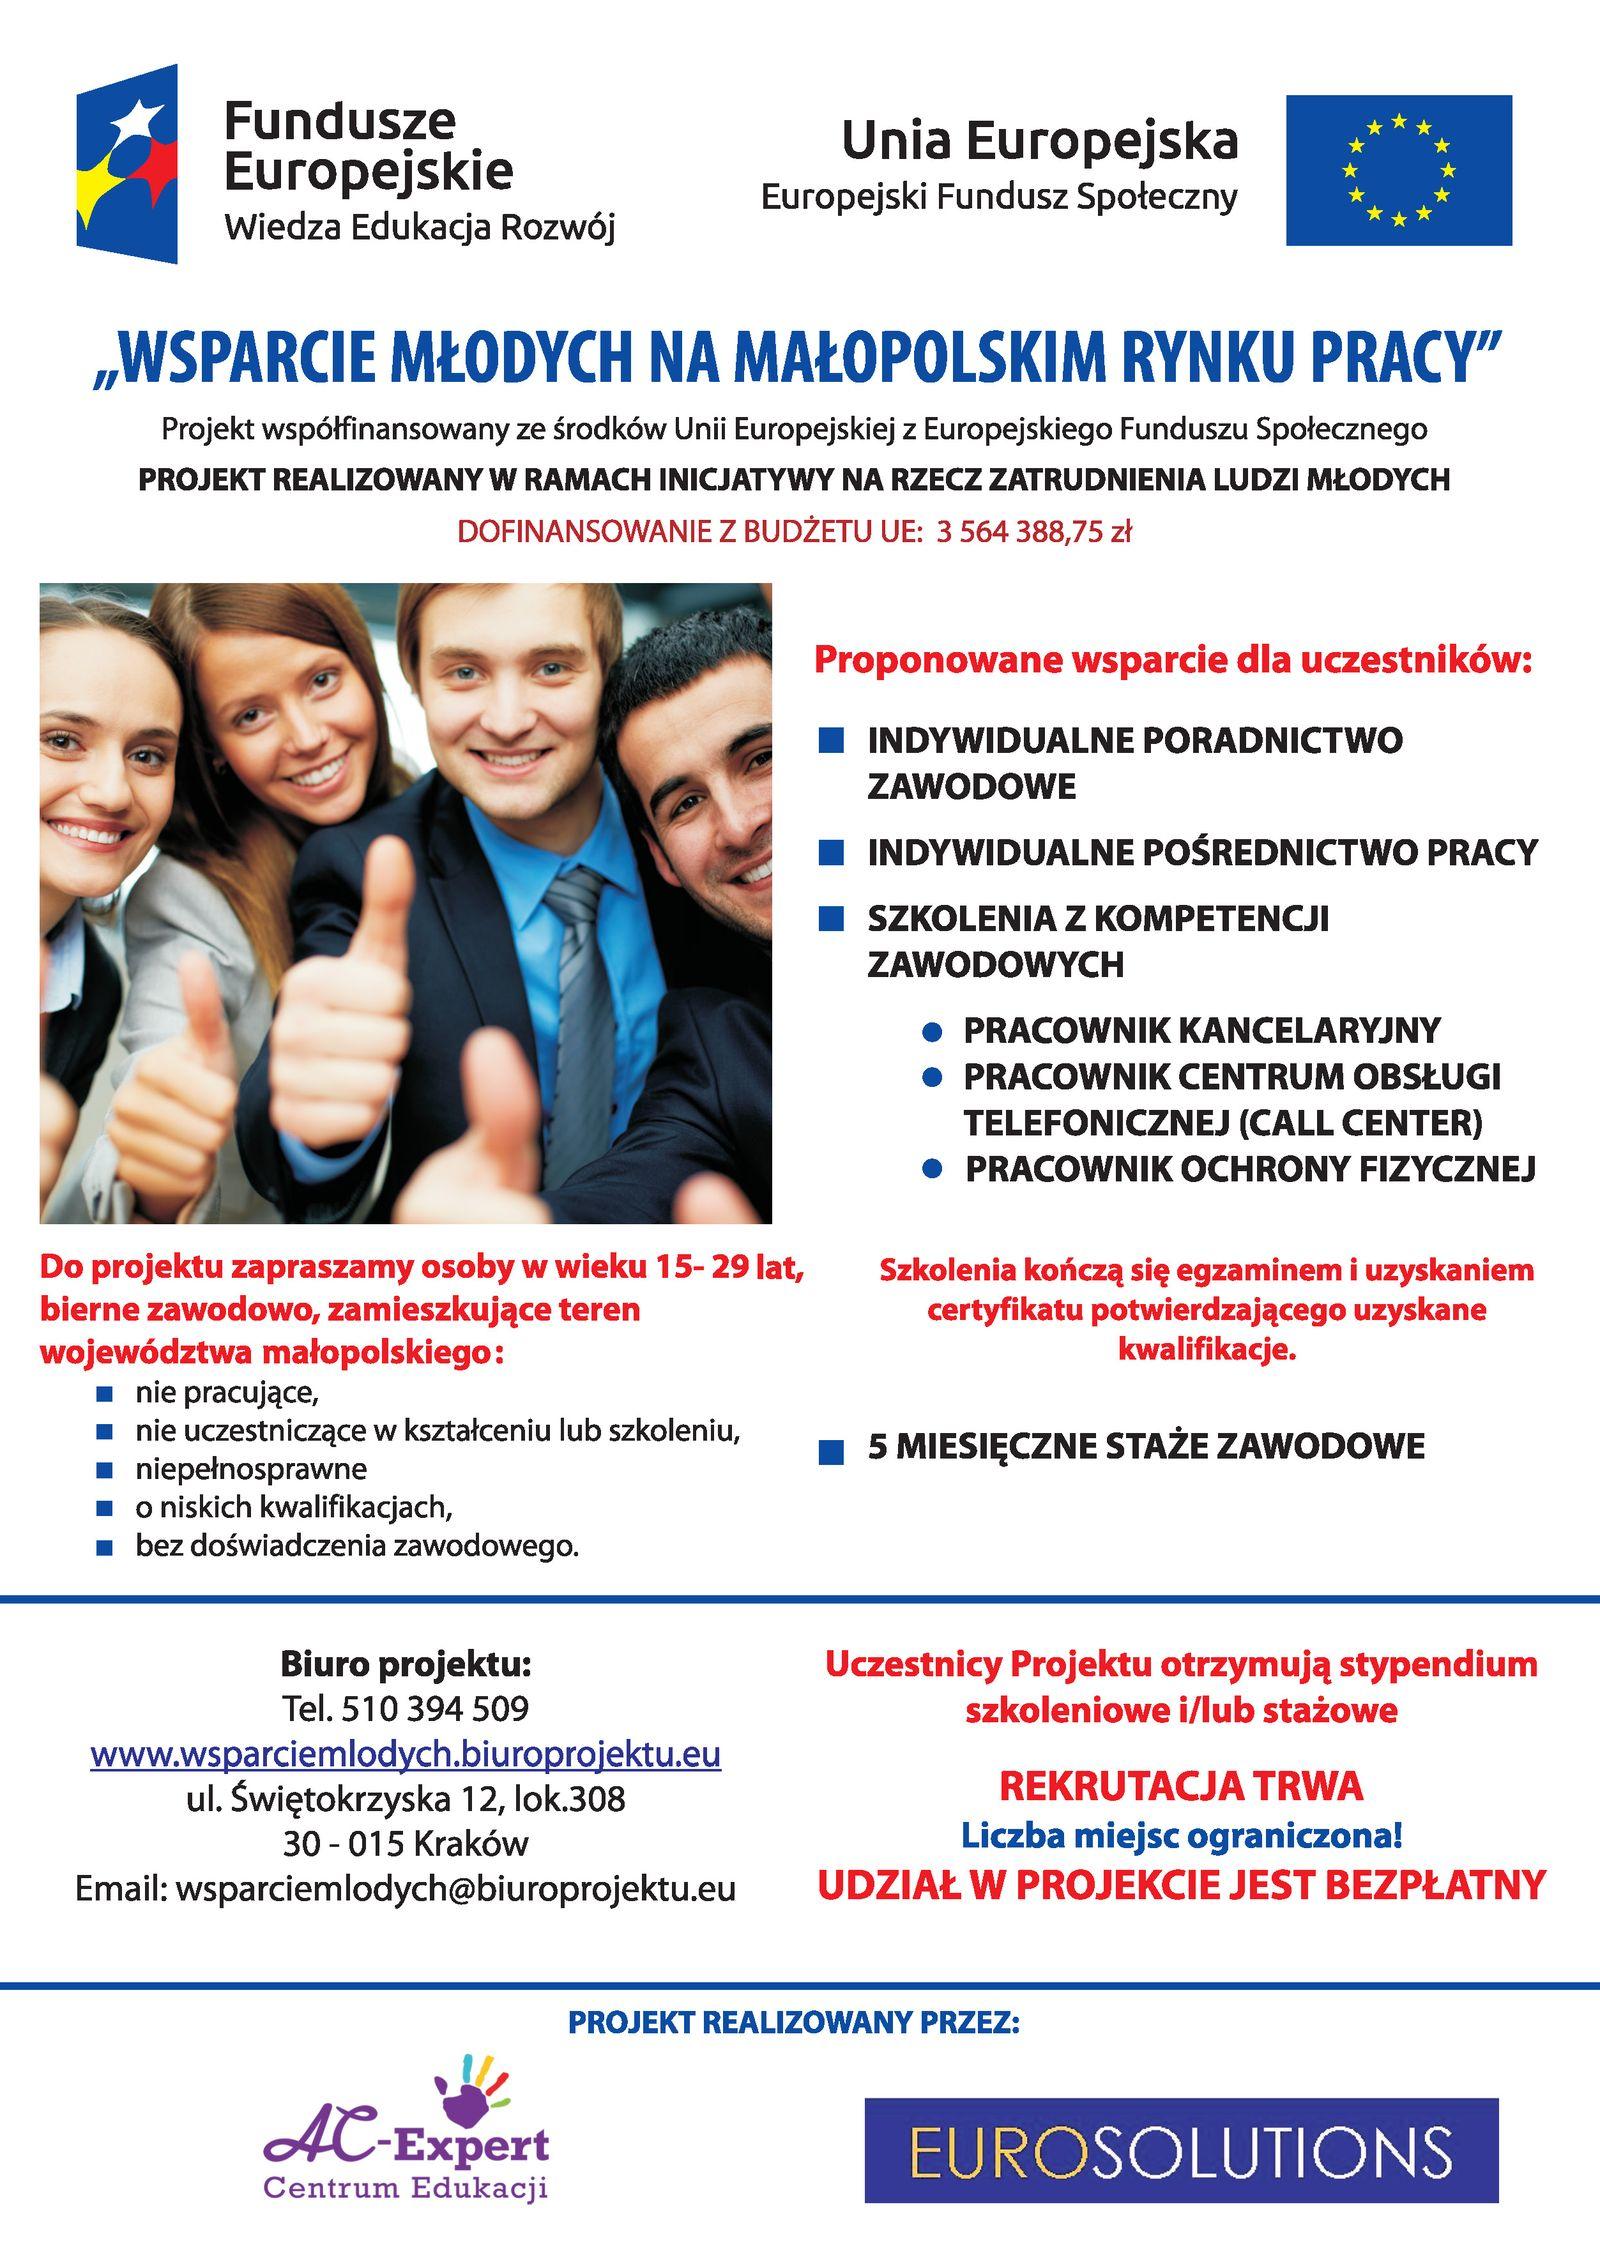 """Projekt """"Wsparcie młodych namałopolskim rynku pracy"""""""